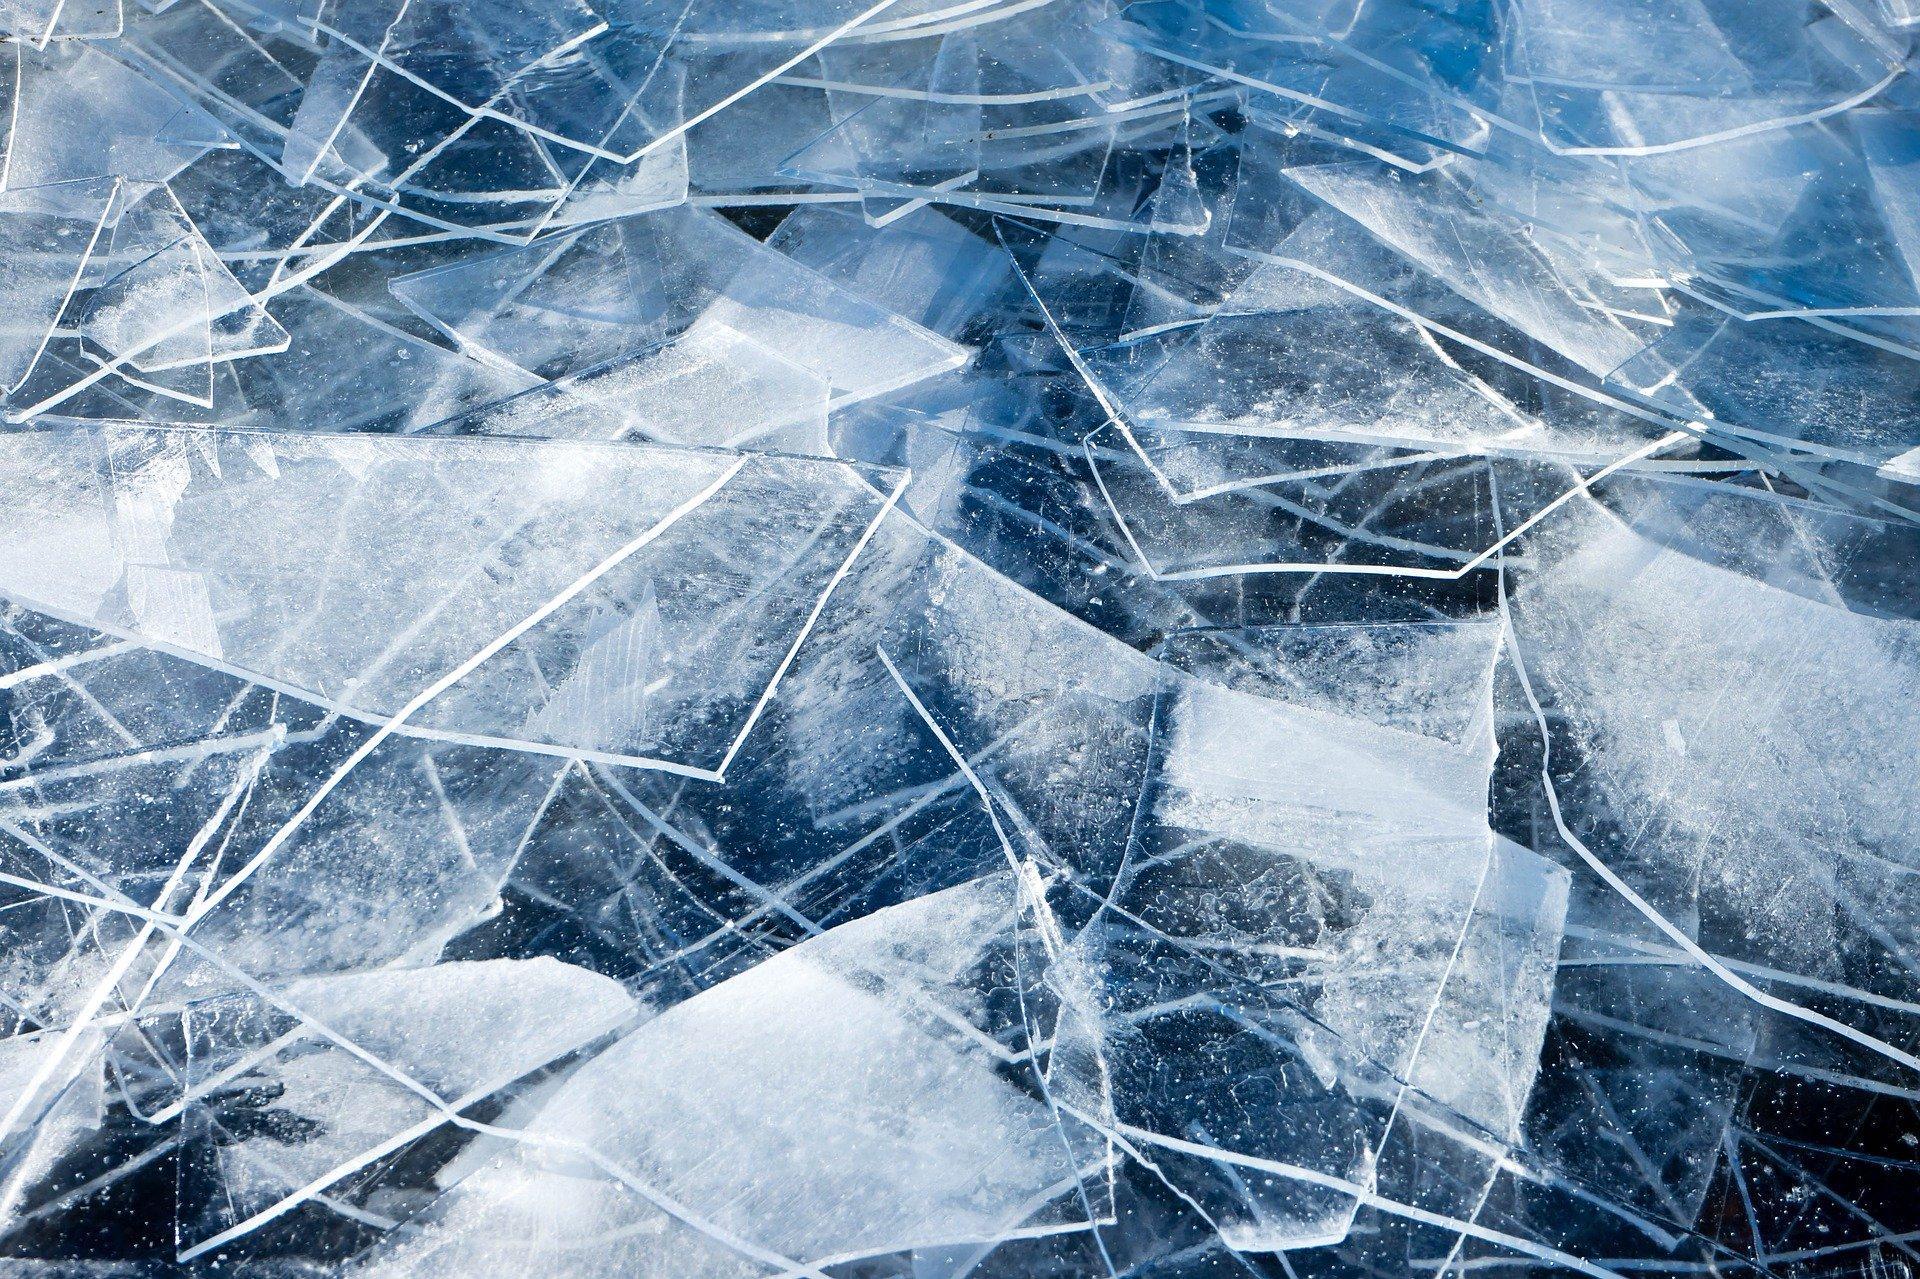 ice-4685227_1920